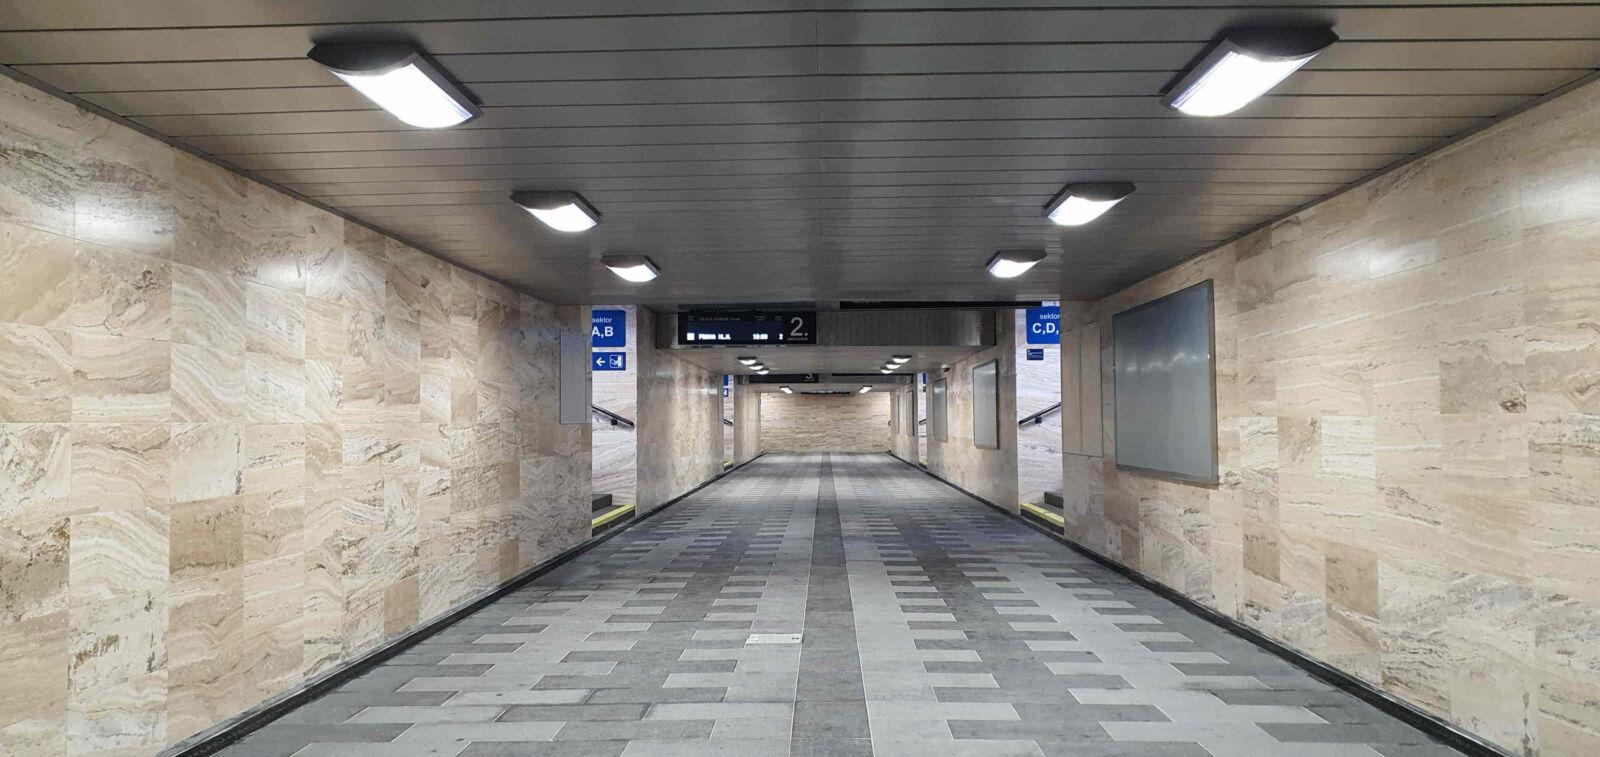 Podchod pod brněnským hlavním nádražím